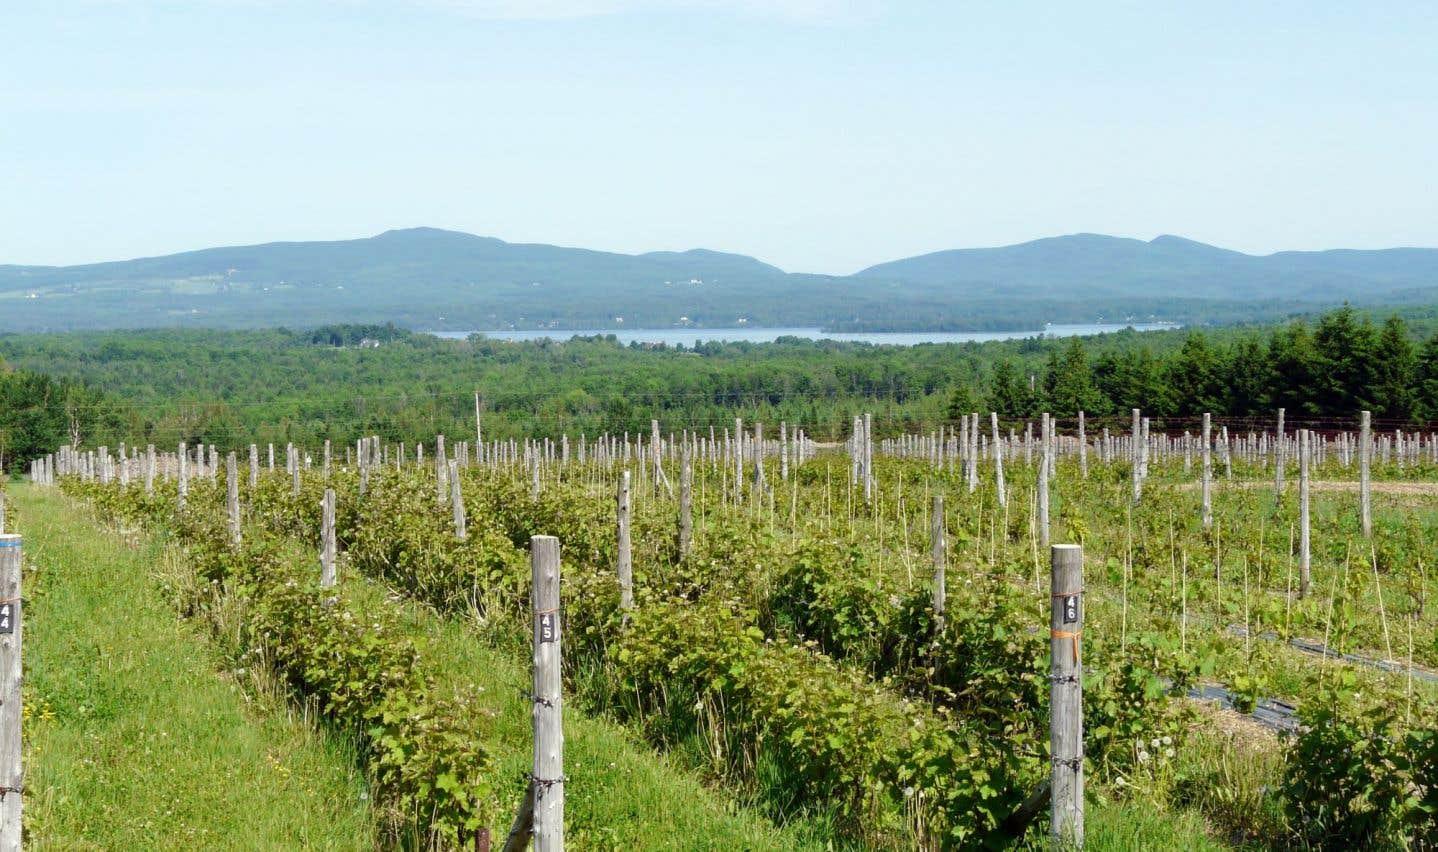 Vue sur le domaine Les Brome du vigneron Léon Courville, à Lac-Brome